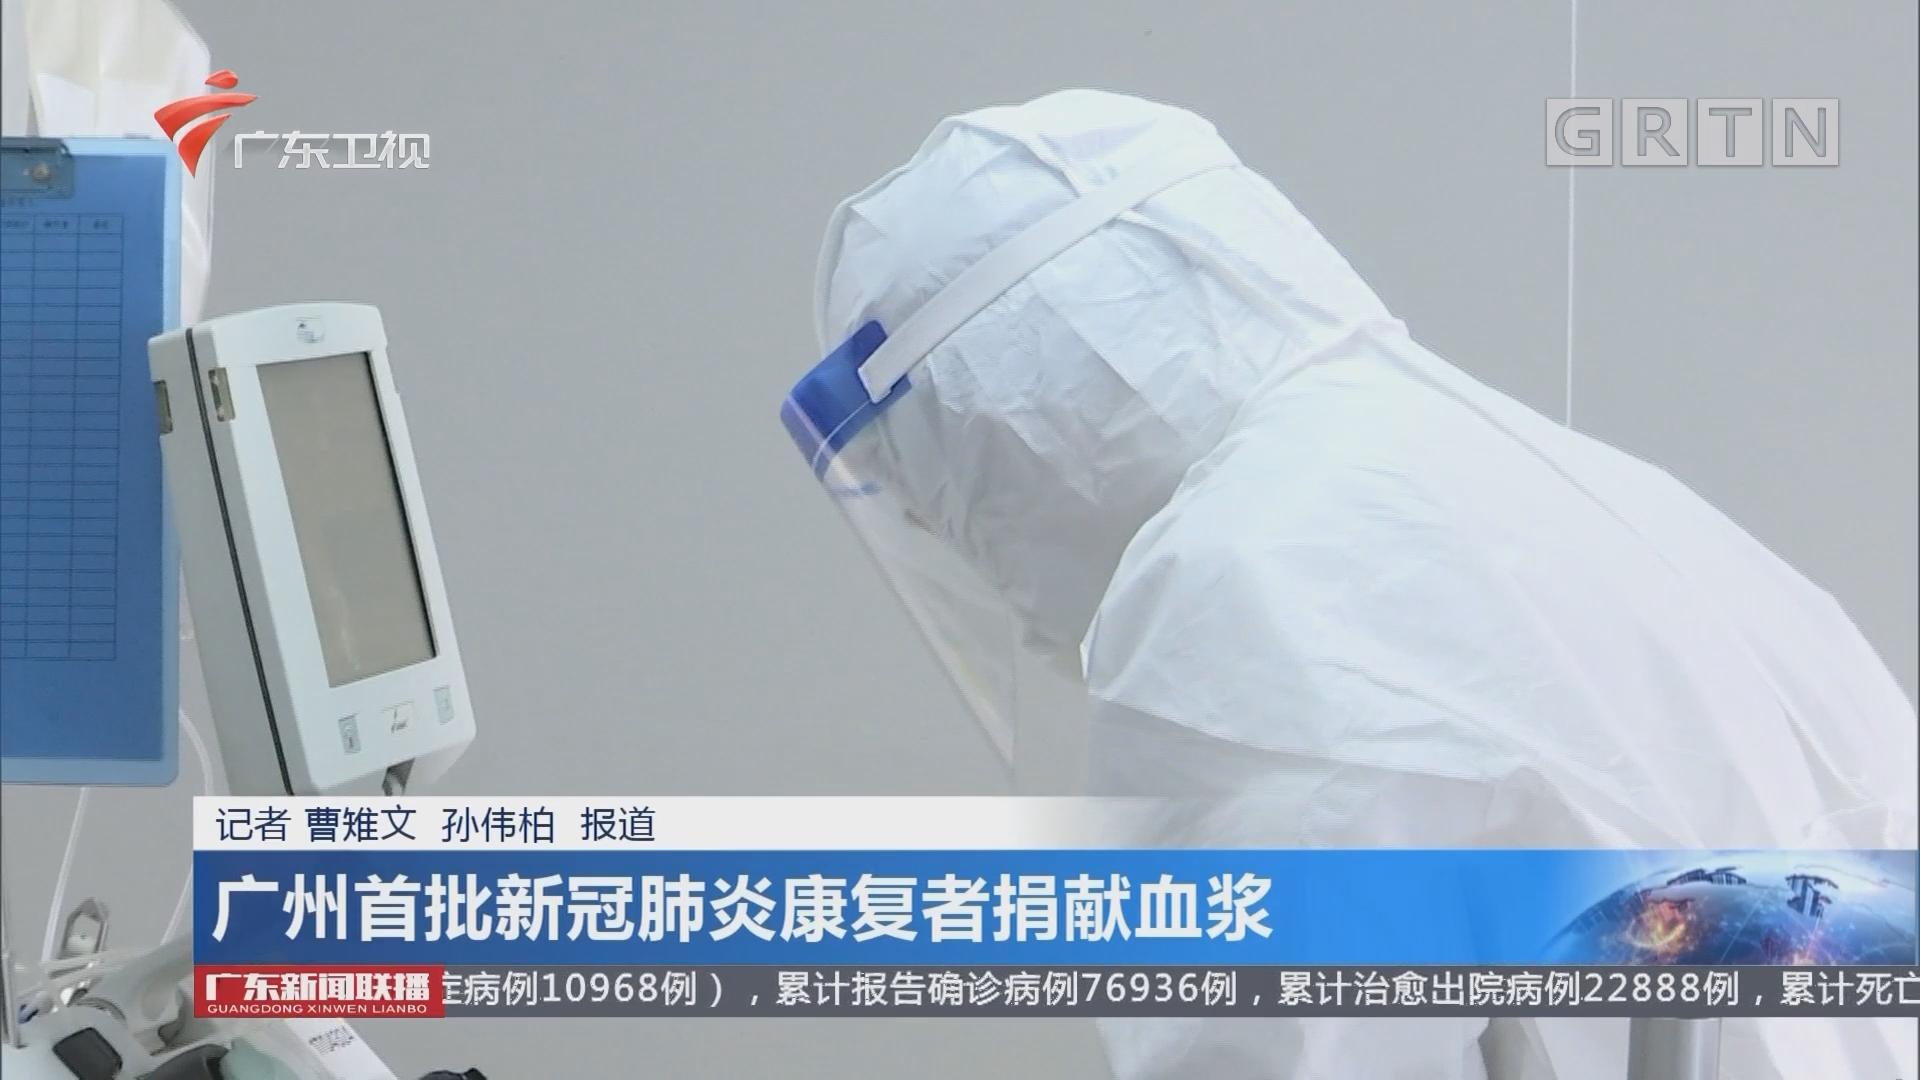 廣州首批新冠肺炎康復者捐獻血漿